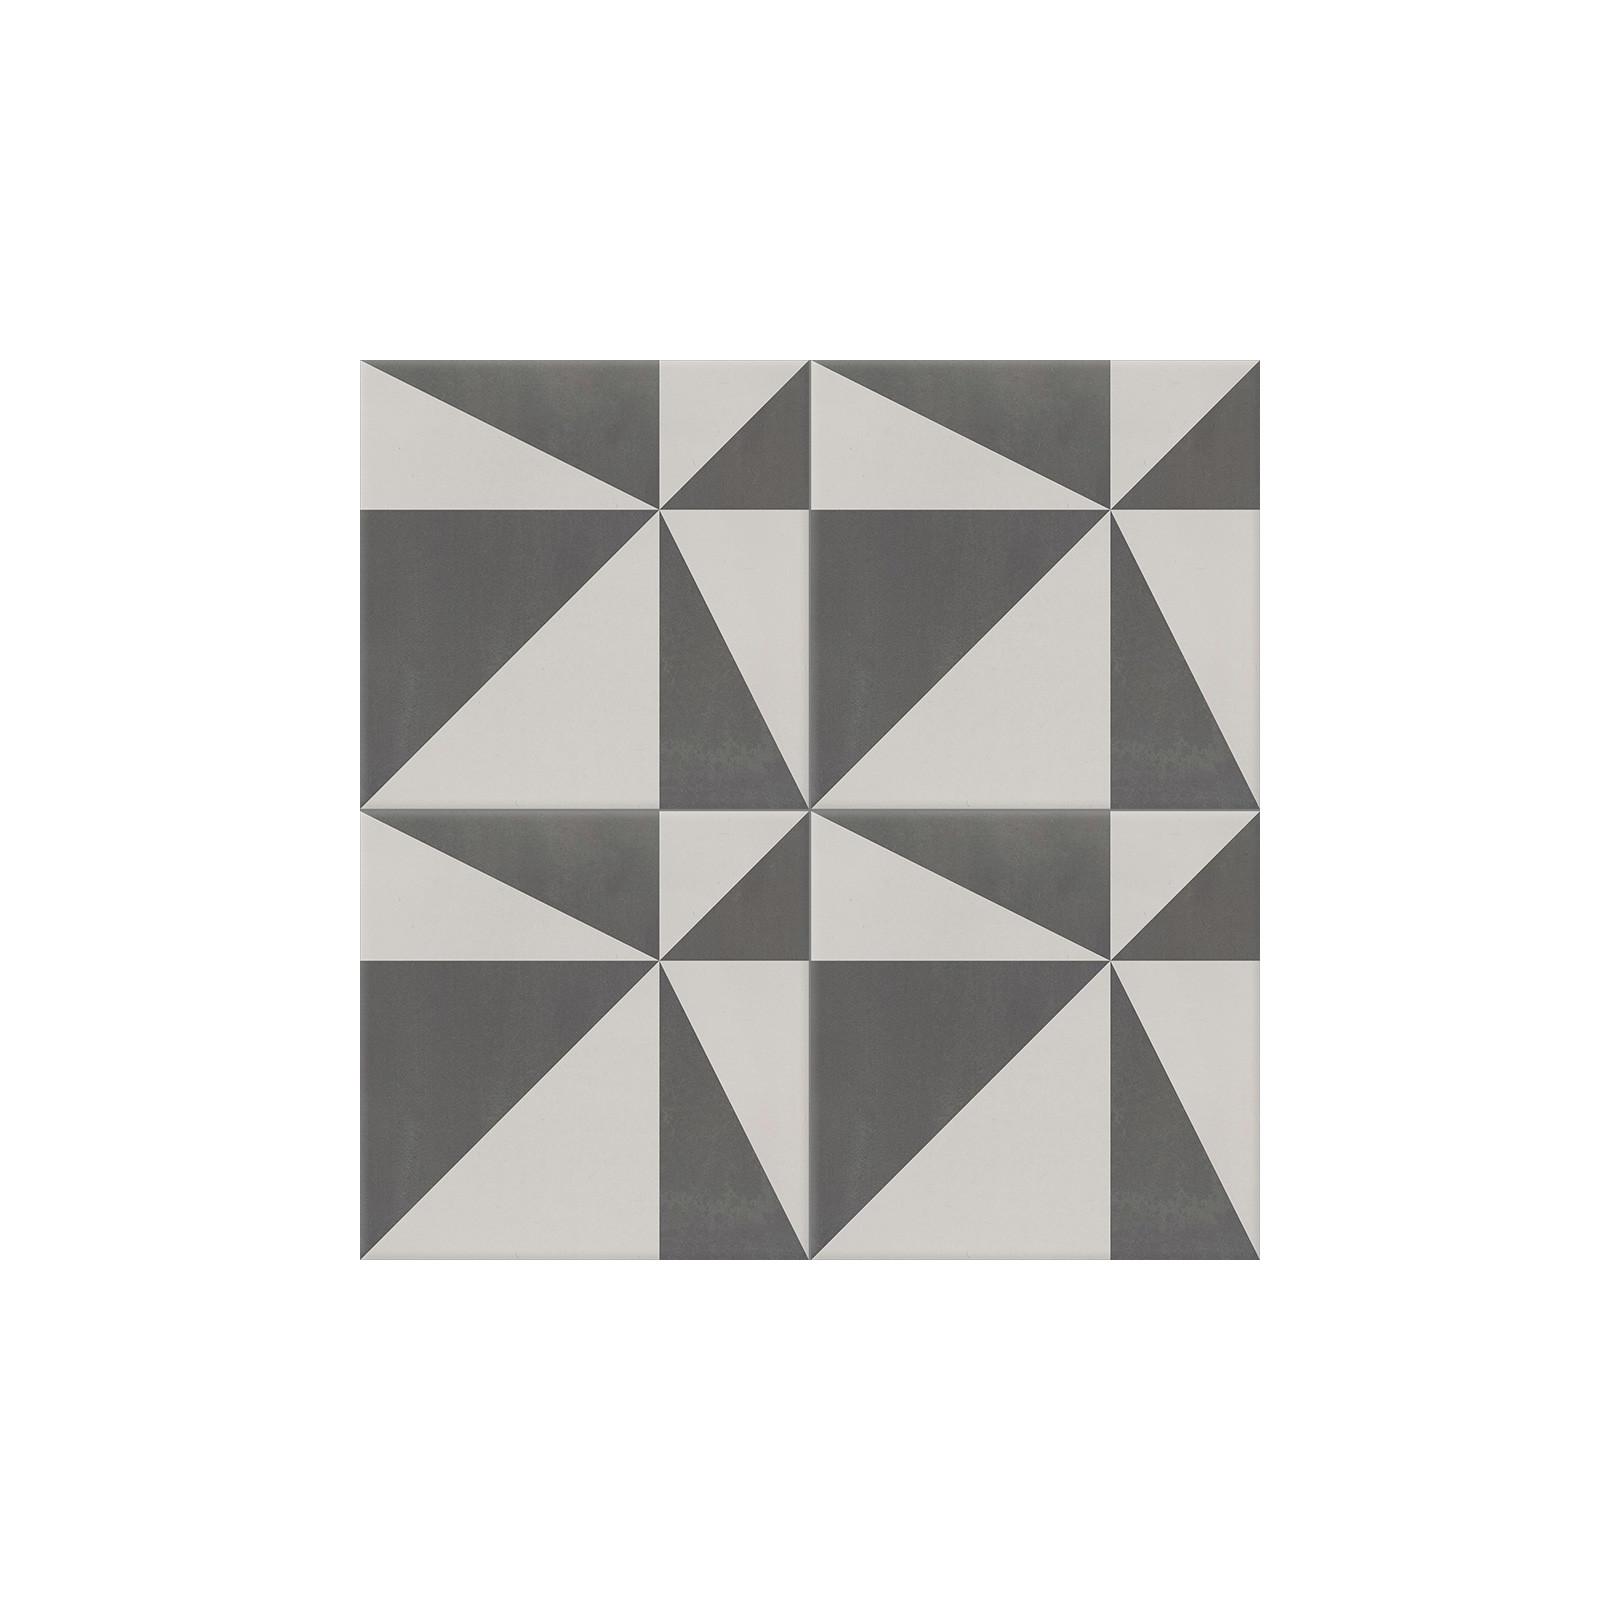 4 Carreaux de ciment coloré motif gris clair et gris foncé ASTER 32.07